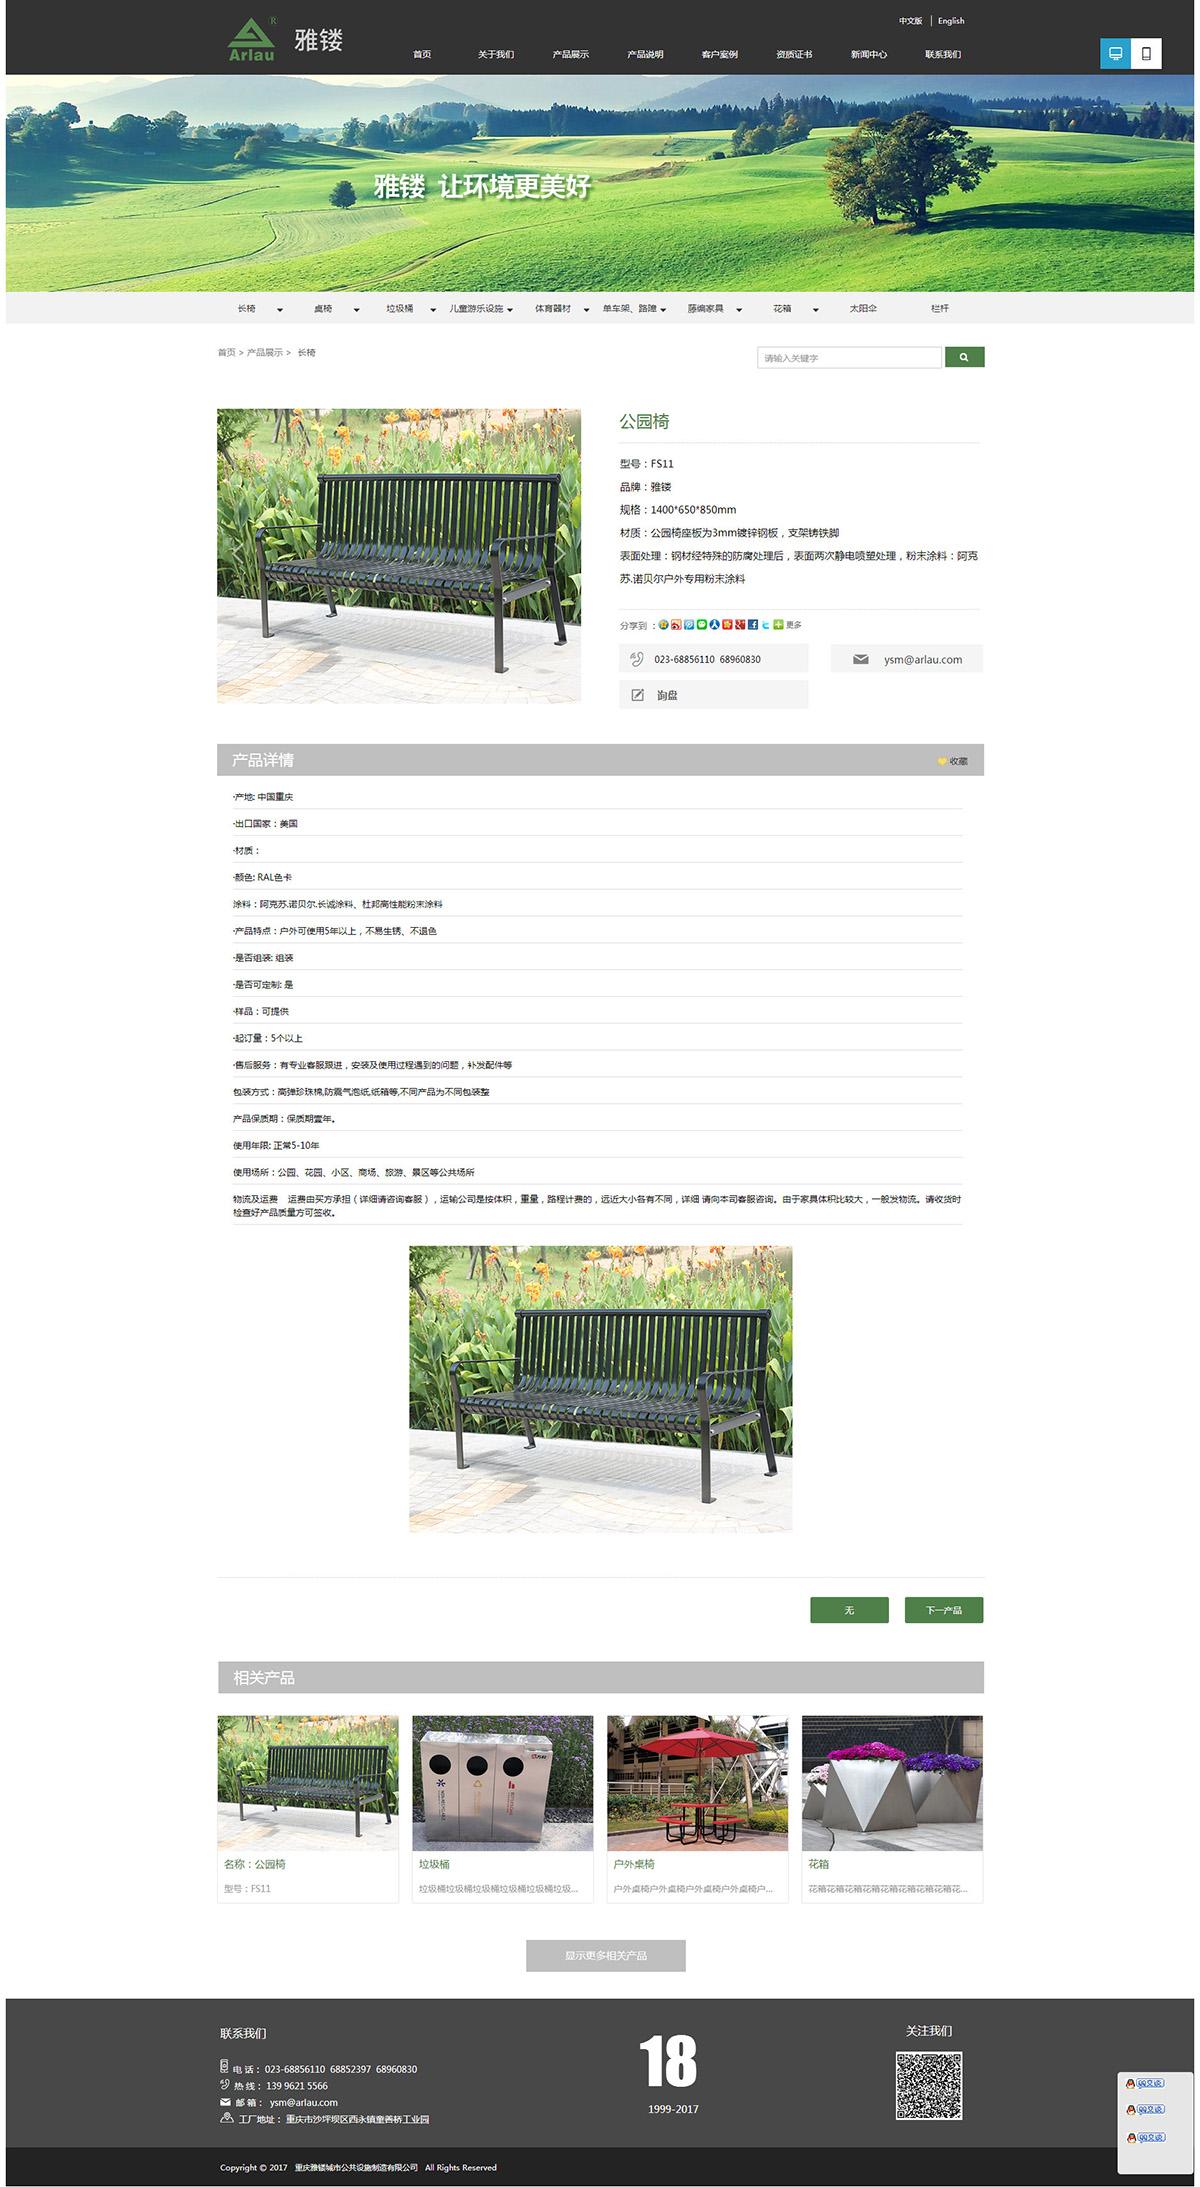 重庆雅镂城市公共设施制造有限公司_内页